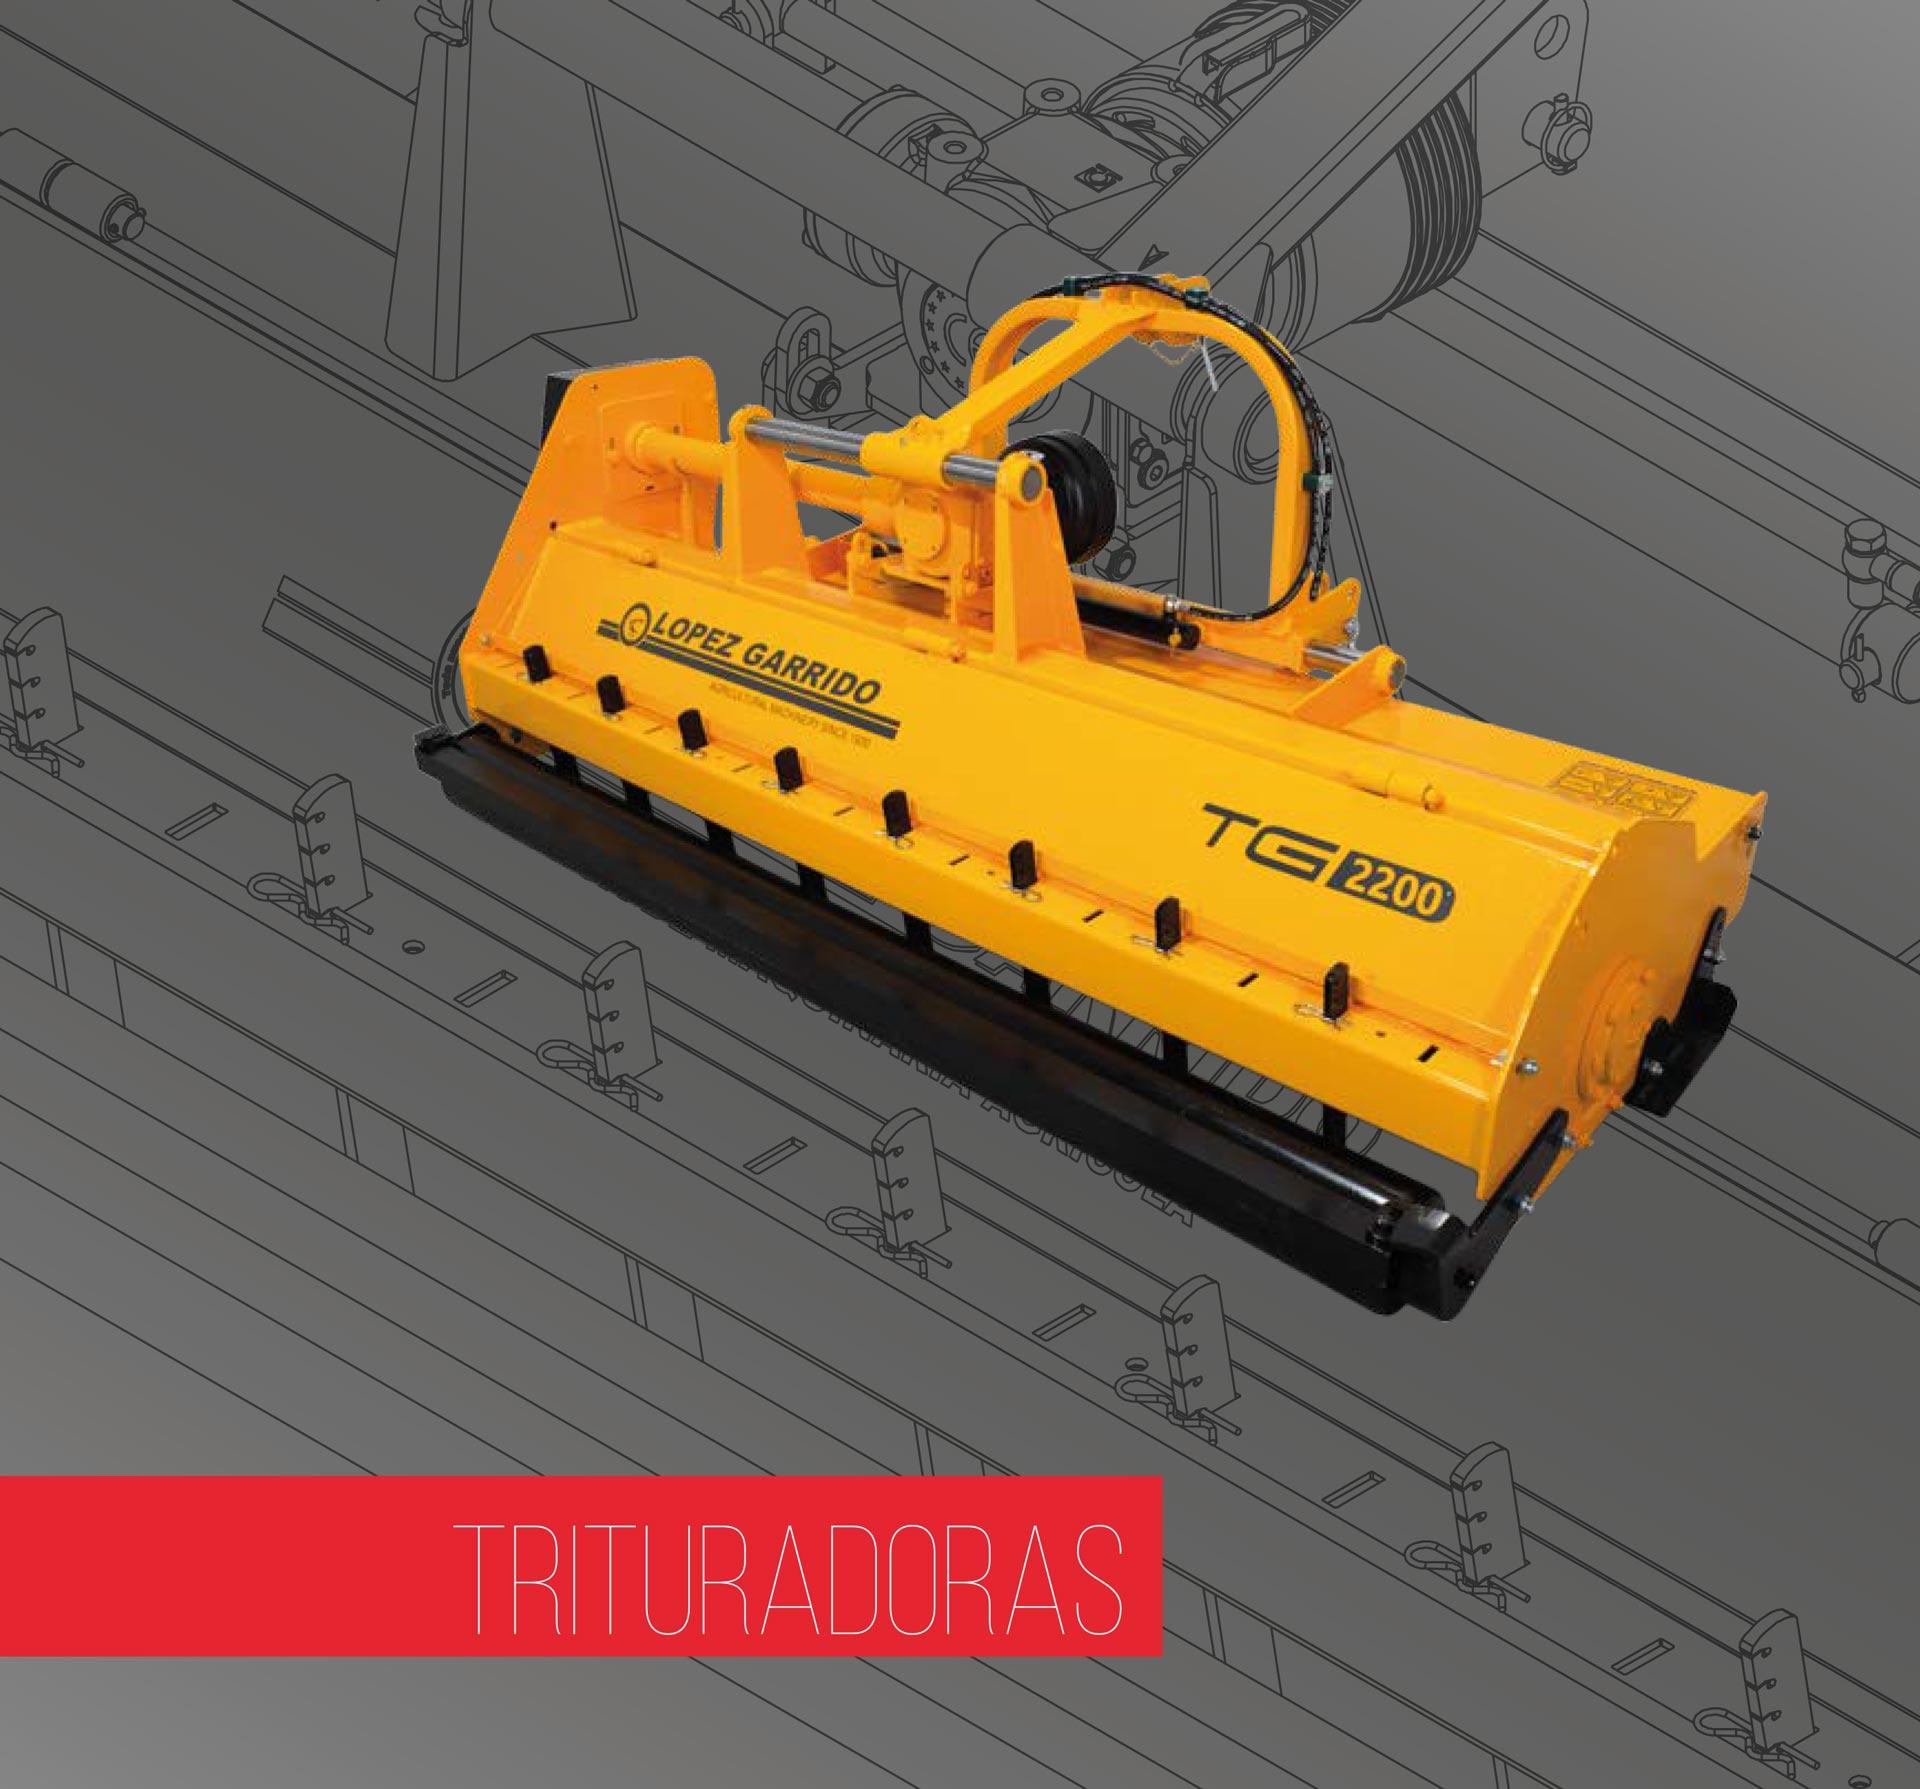 Trituradoras de martillos para tractor López Garrido